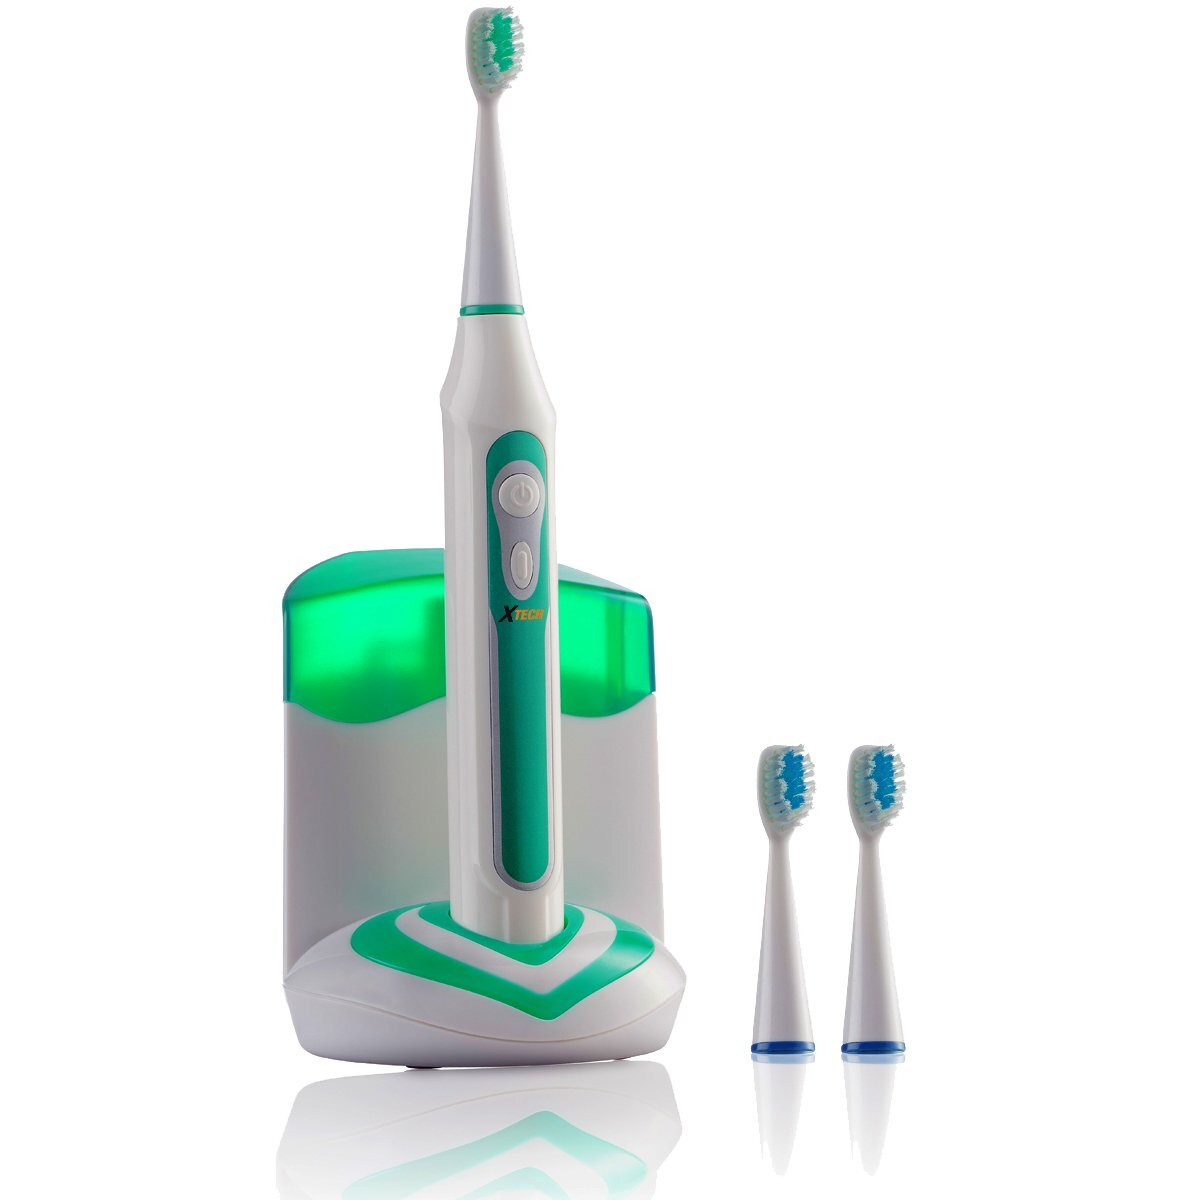 Xtech XHST-100 Oral Hygiene Ultra Powered 40,000VPM là sản phẩm bàn chải điện có 5 chế độ làm sạch khác nhau